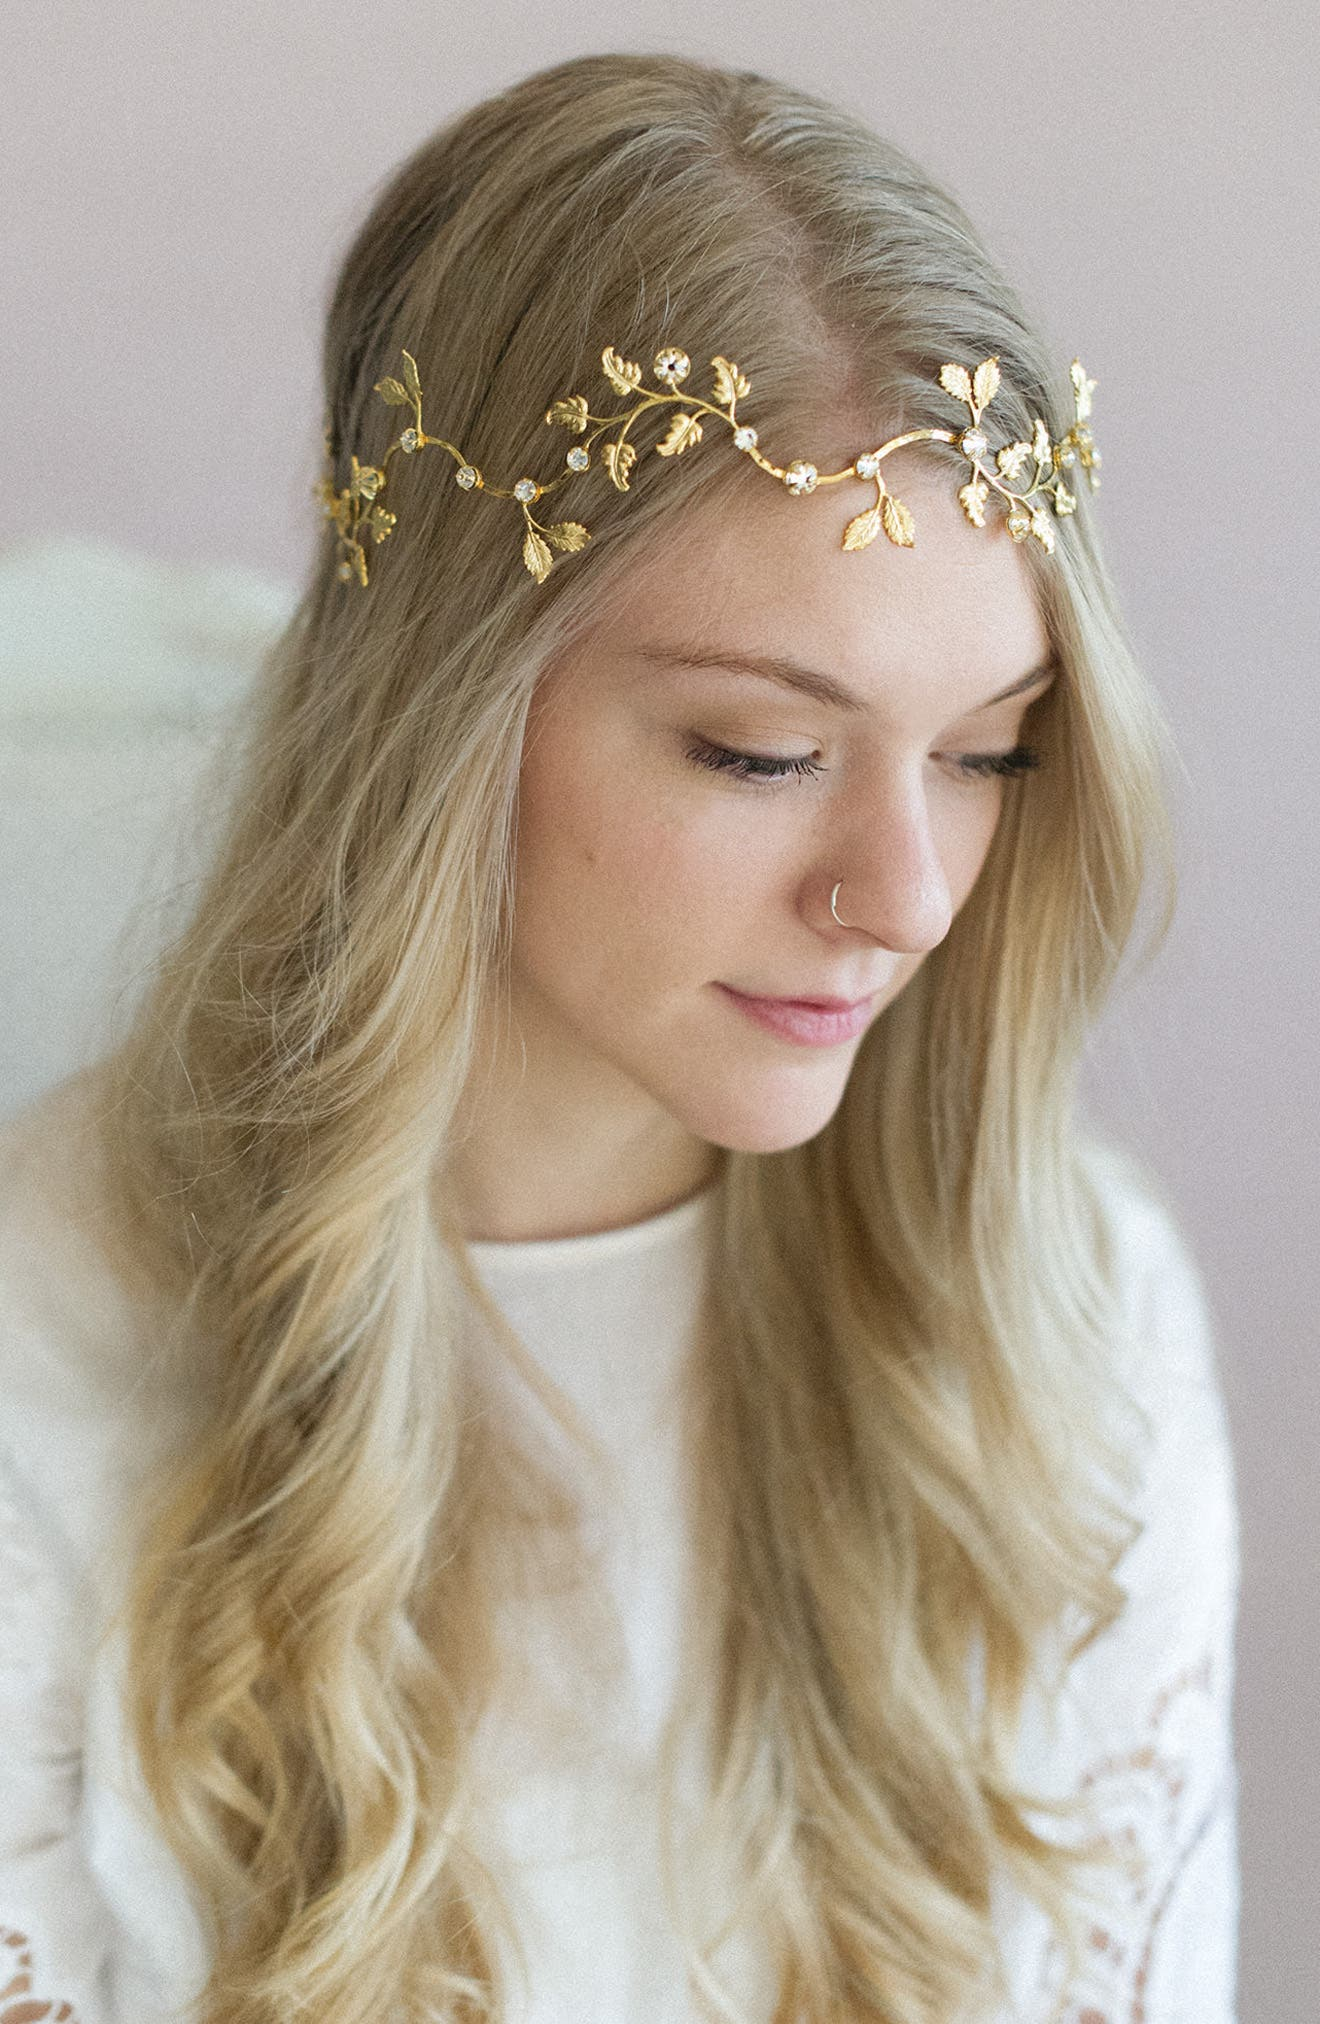 TWIGS & HONEY Dainty Gilded Leaf Headband